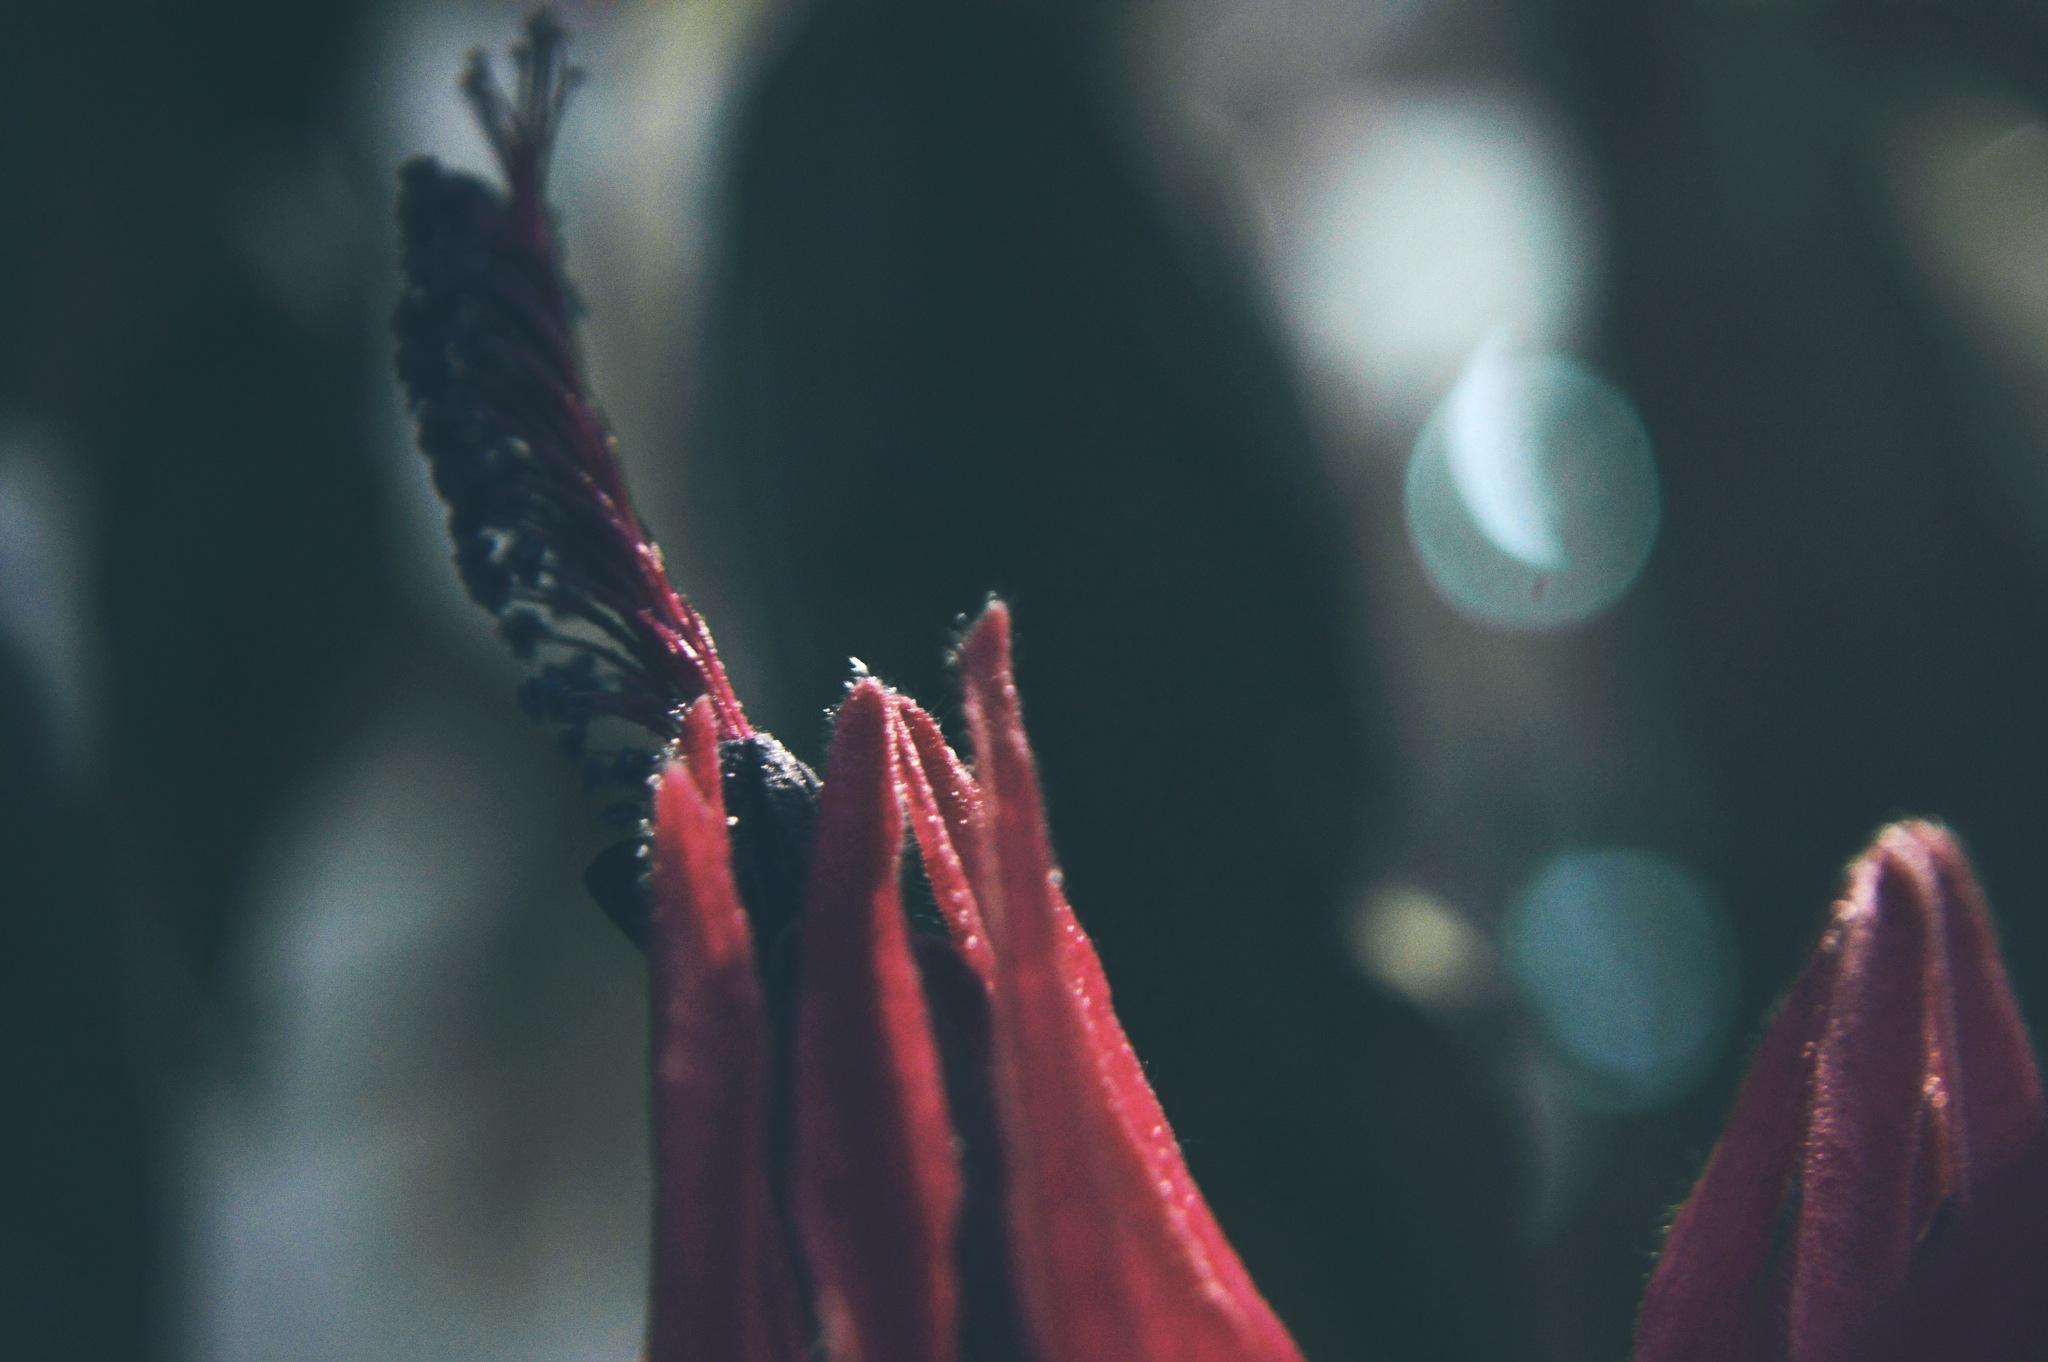 Ah..blooming in the dark by Yoko D